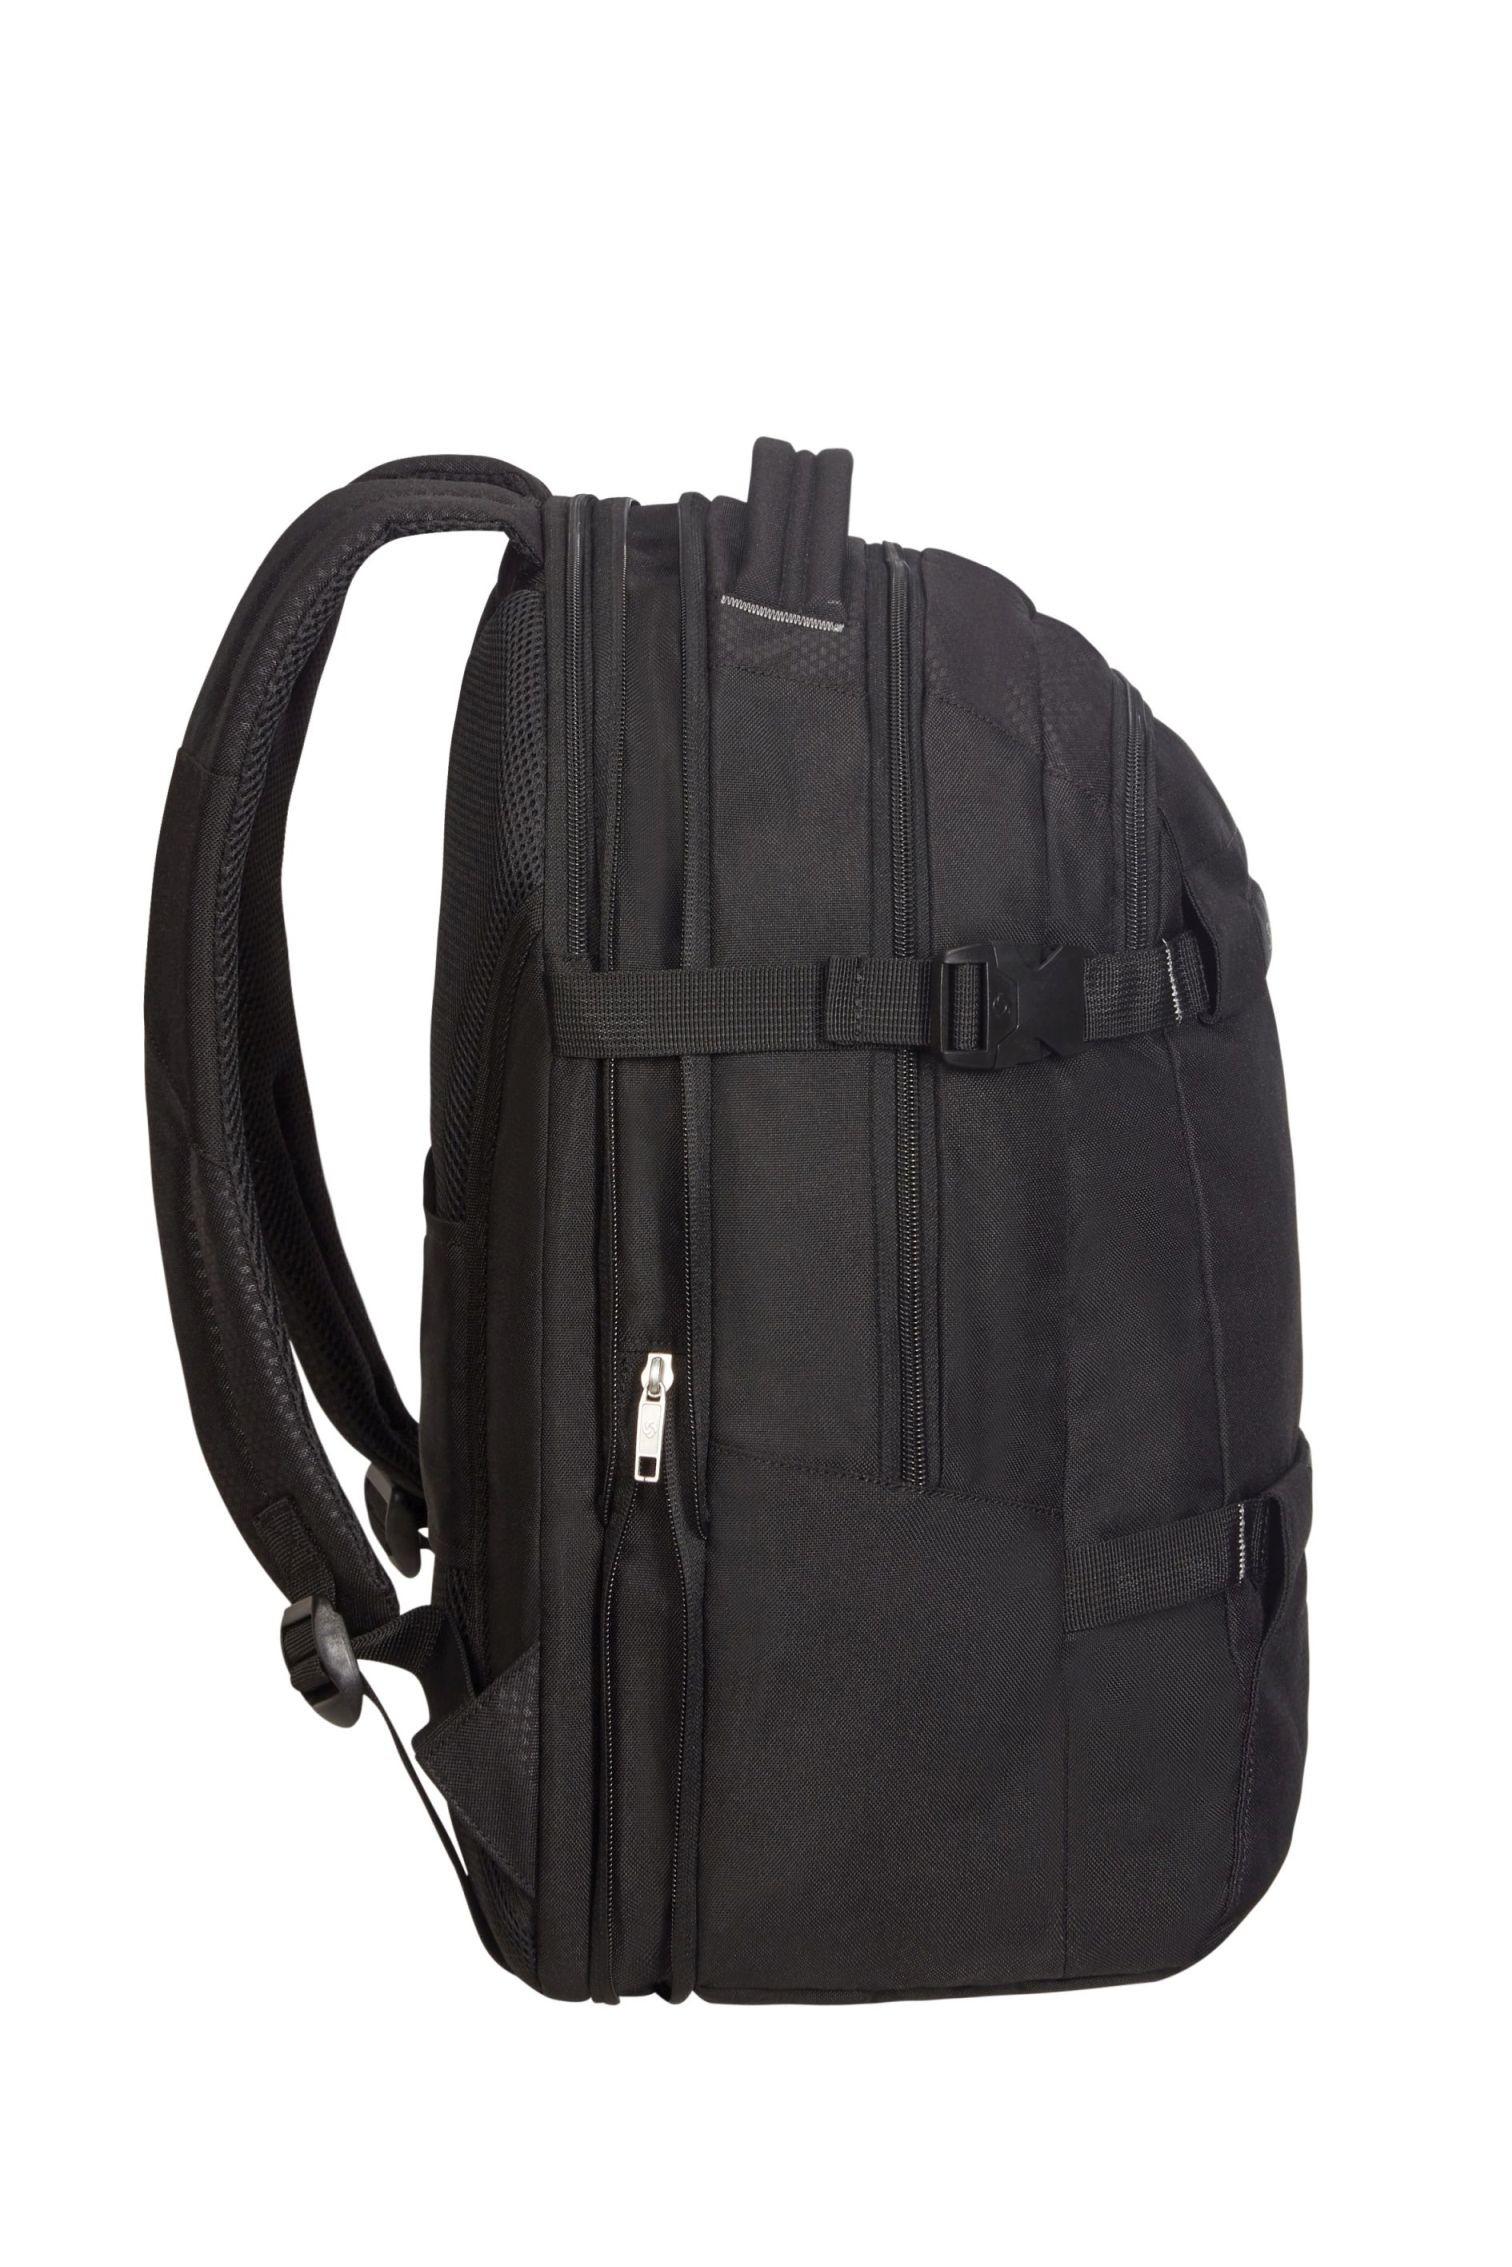 Samsonite Sonora Laptop Backpack L EXP, View 5